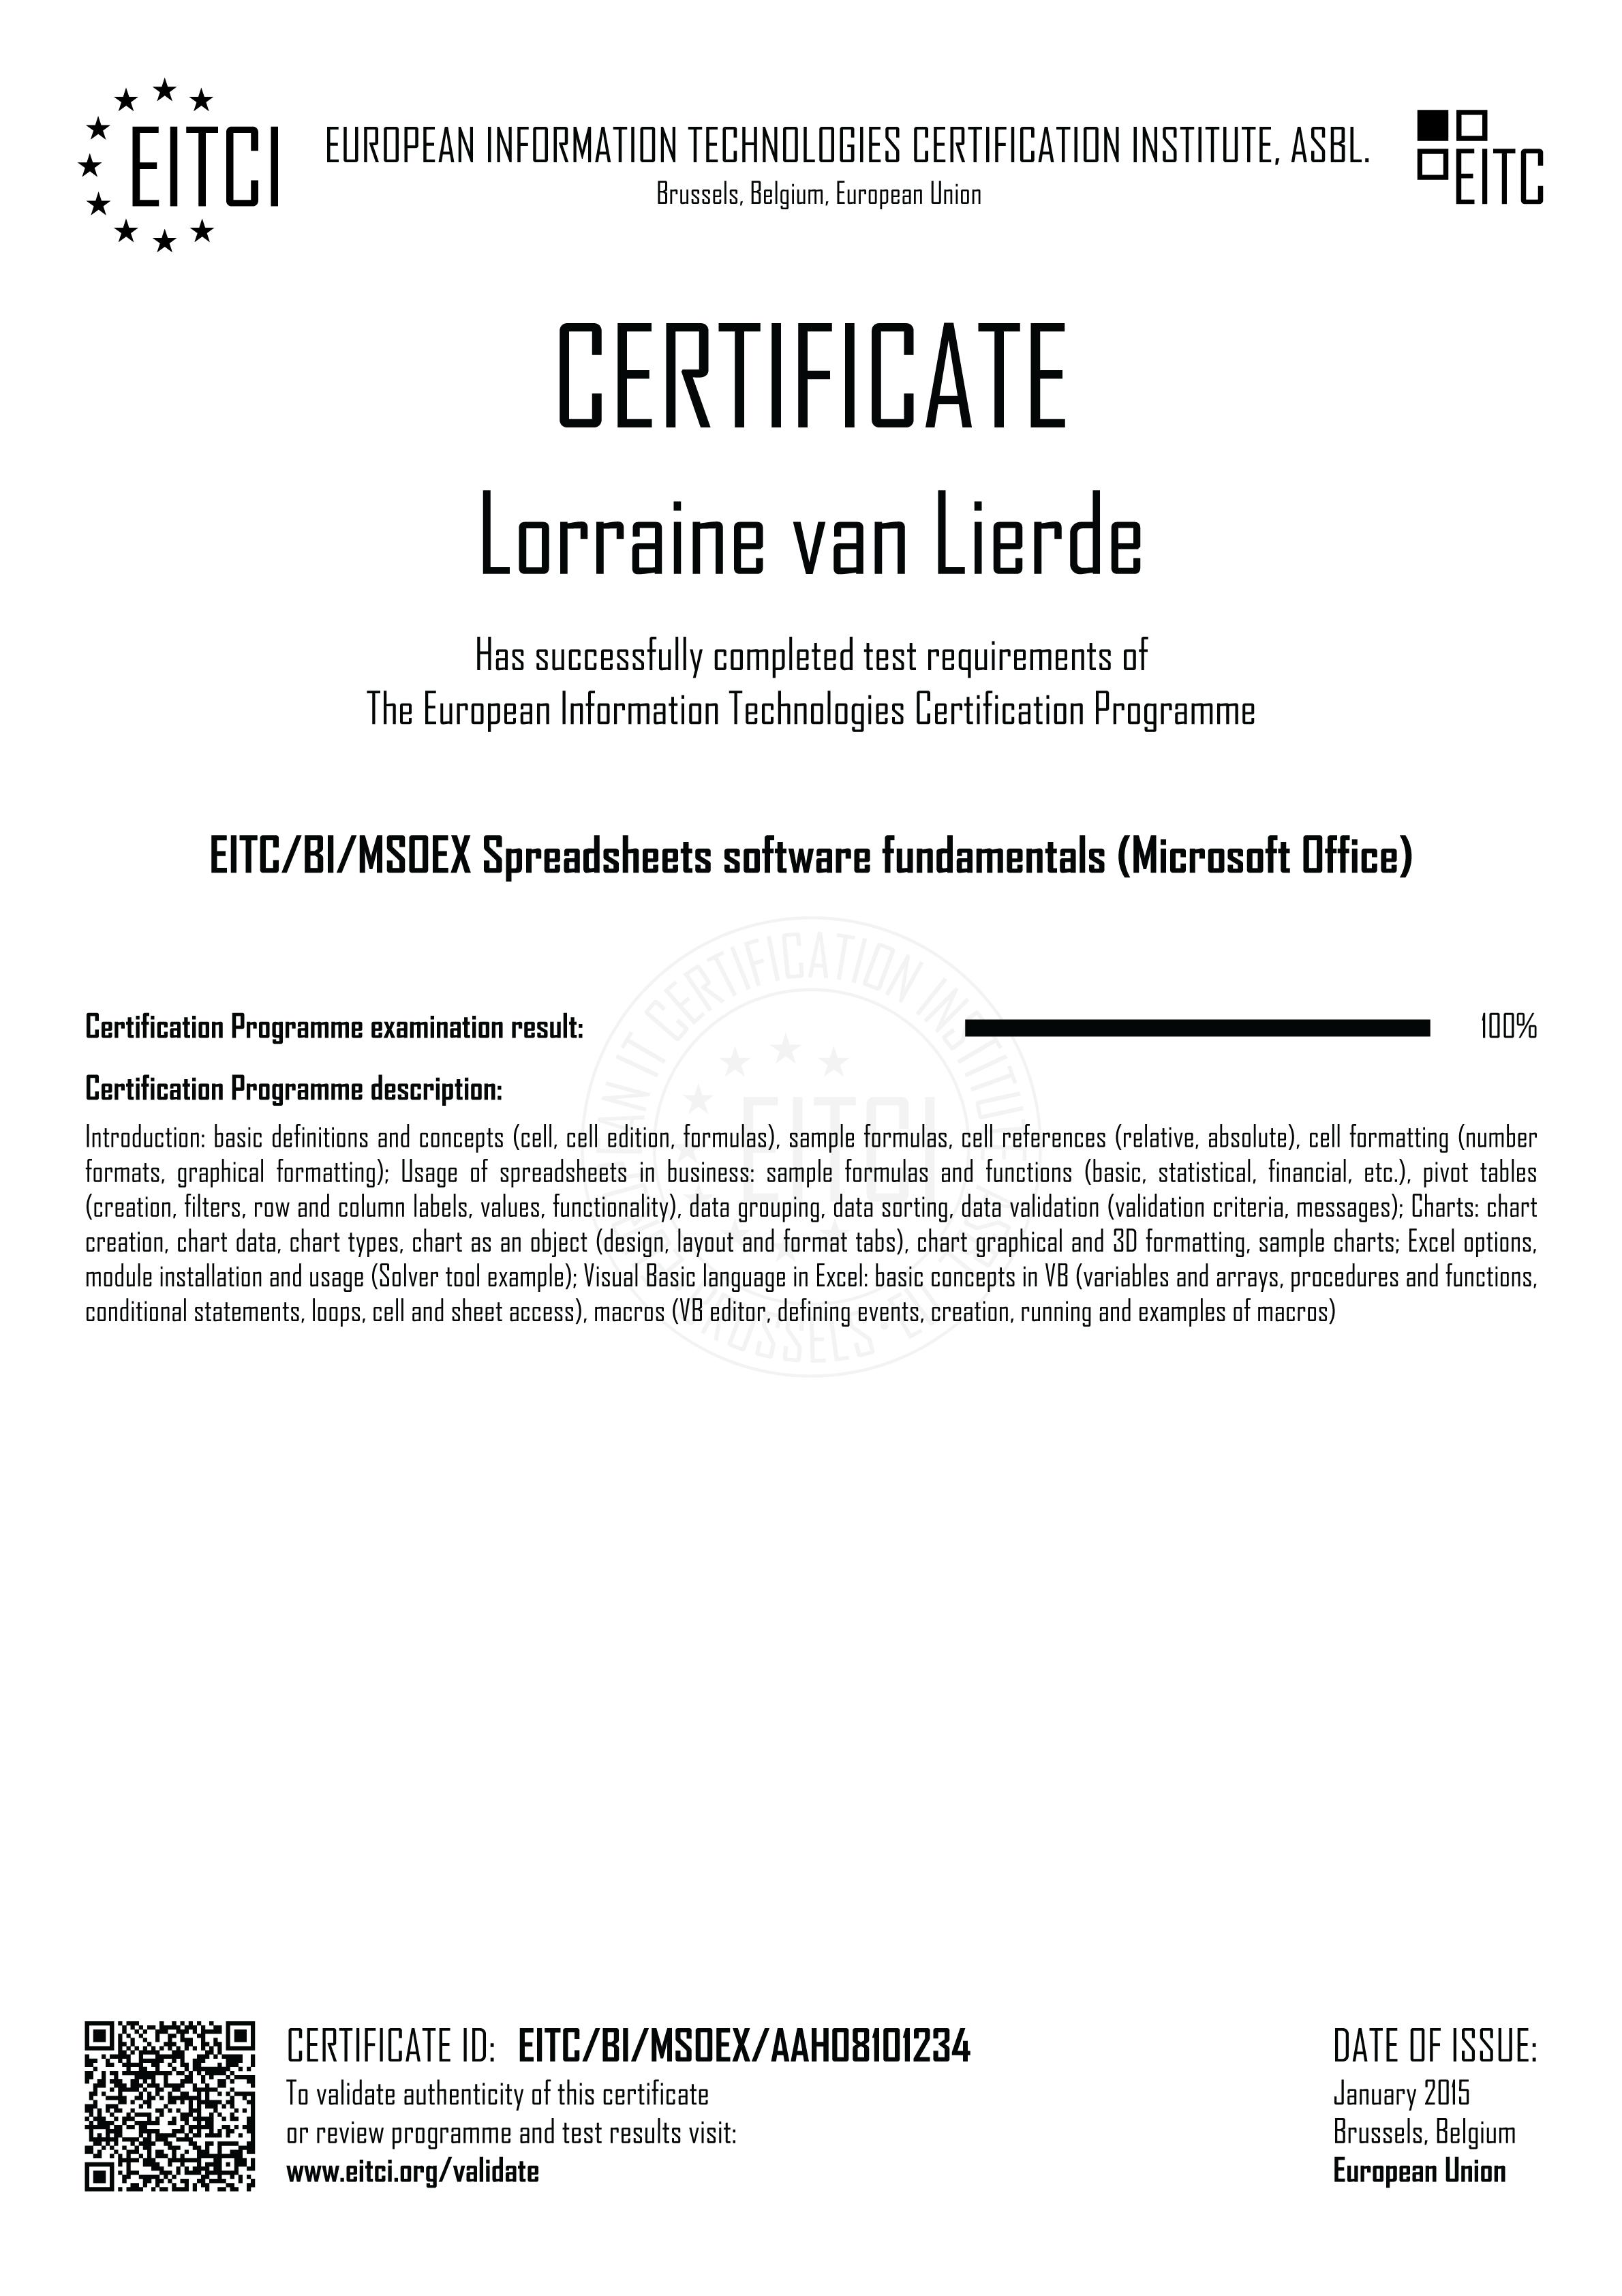 Eitcbimsoex spreadsheets software fundamentals microsoft office eitcbimsoex spreadsheets software fundamentals microsoft 1betcityfo Images